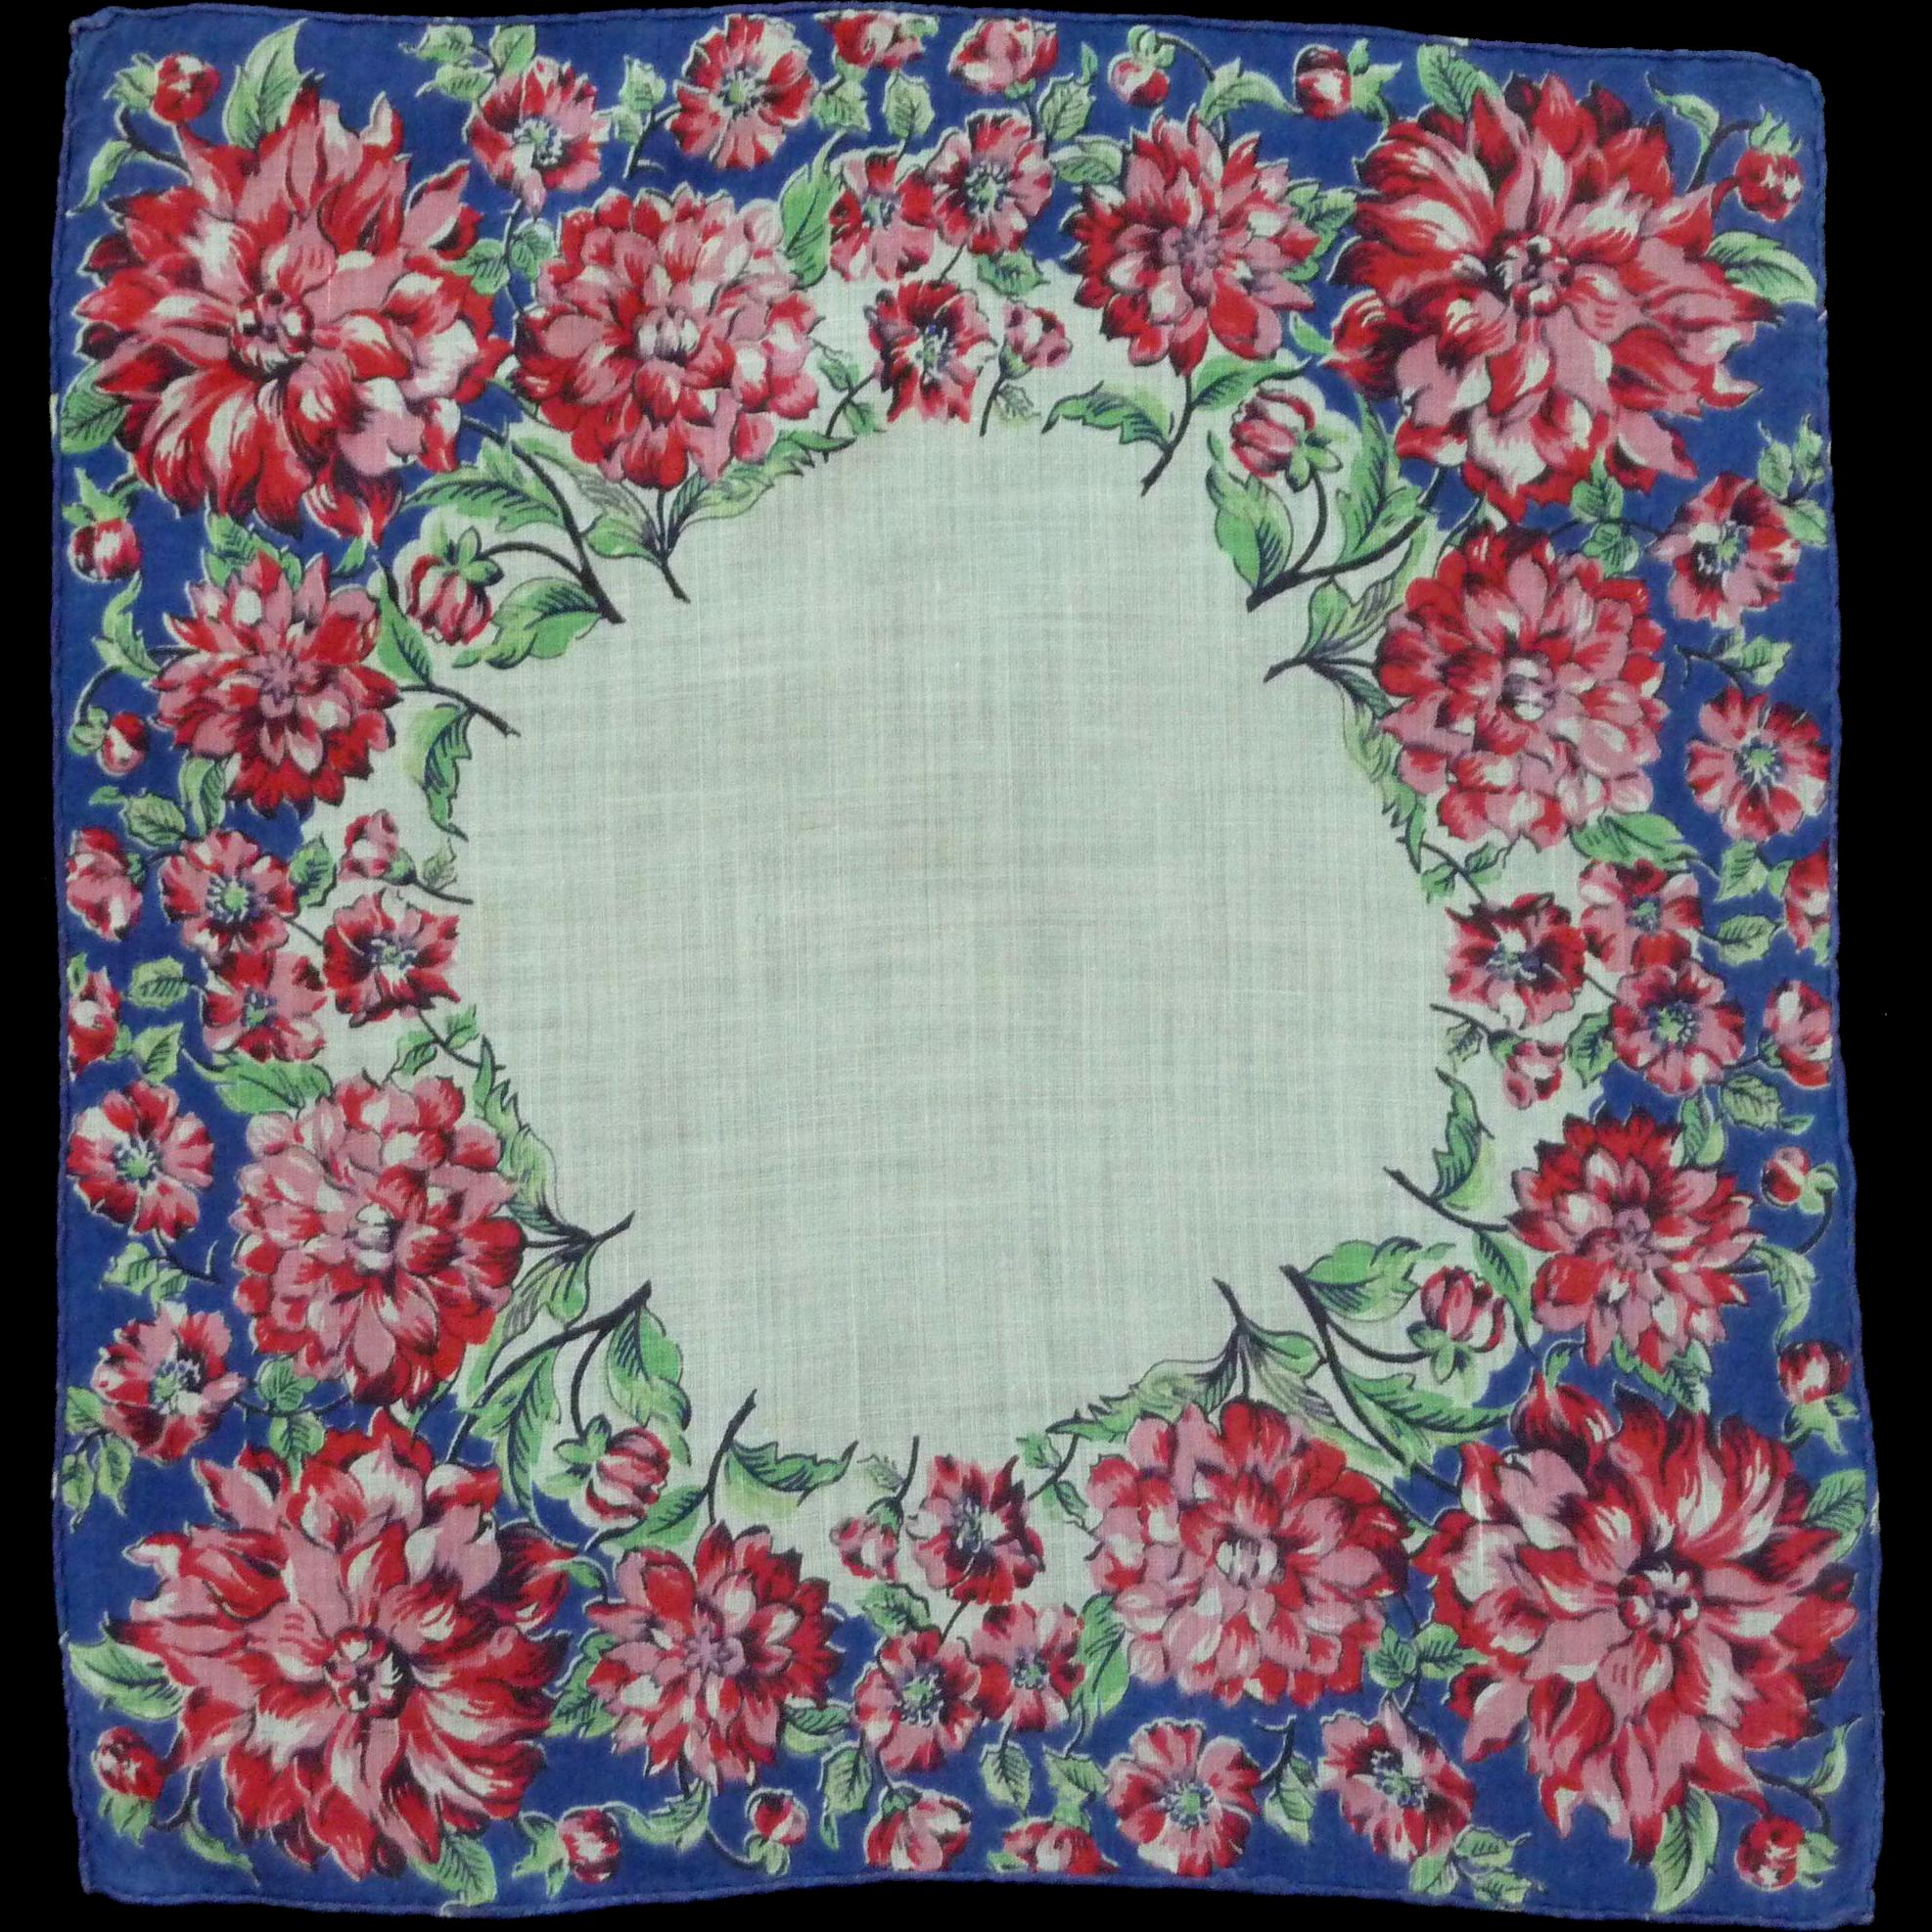 Cotton Bright Red Flowered Border Handkerchief Hankie